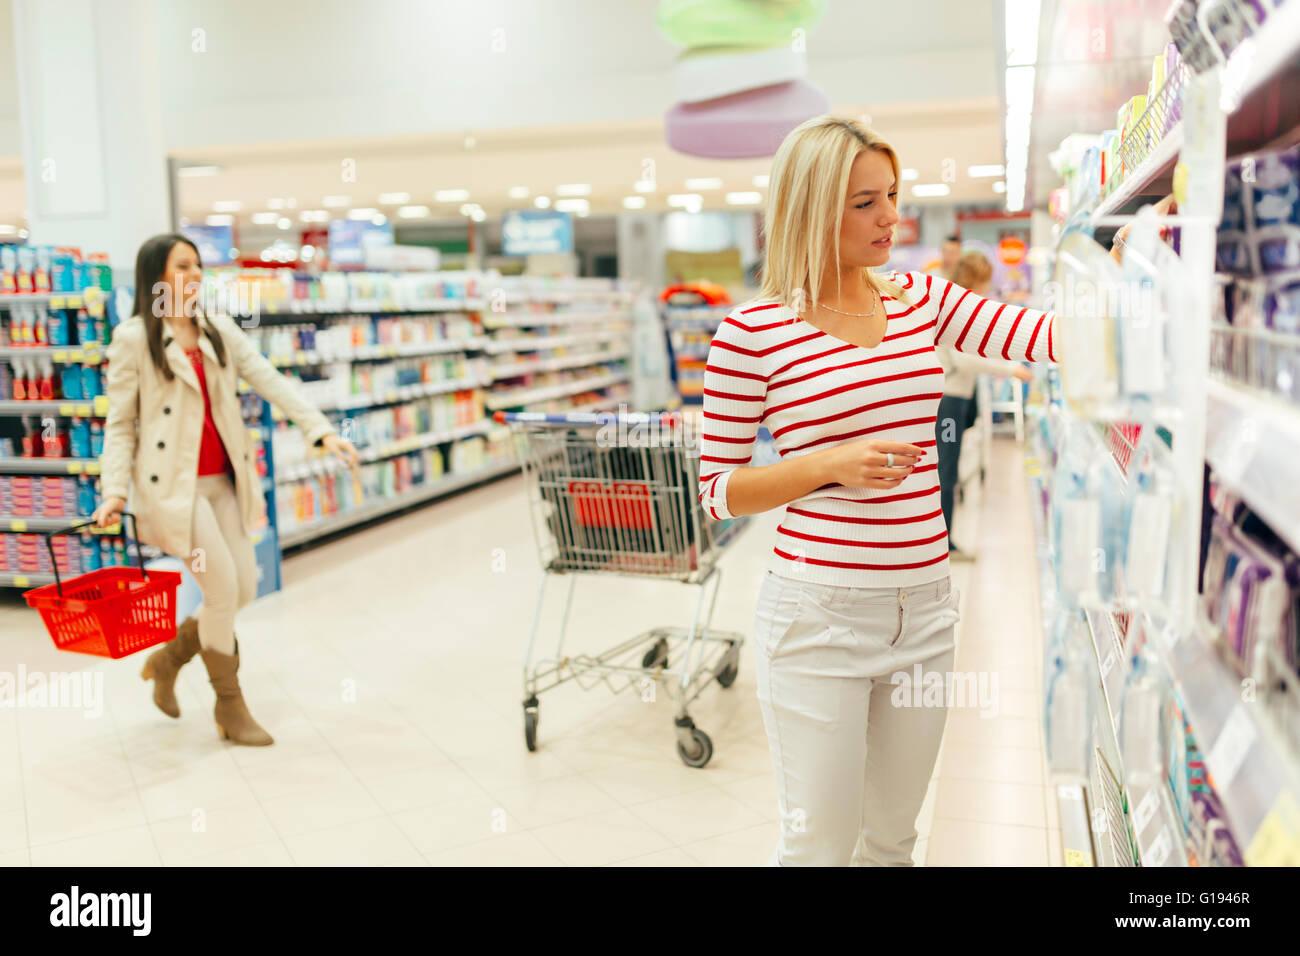 Bella donna di acquisto di prodotti per la cura del corpo nel supermercato Immagini Stock